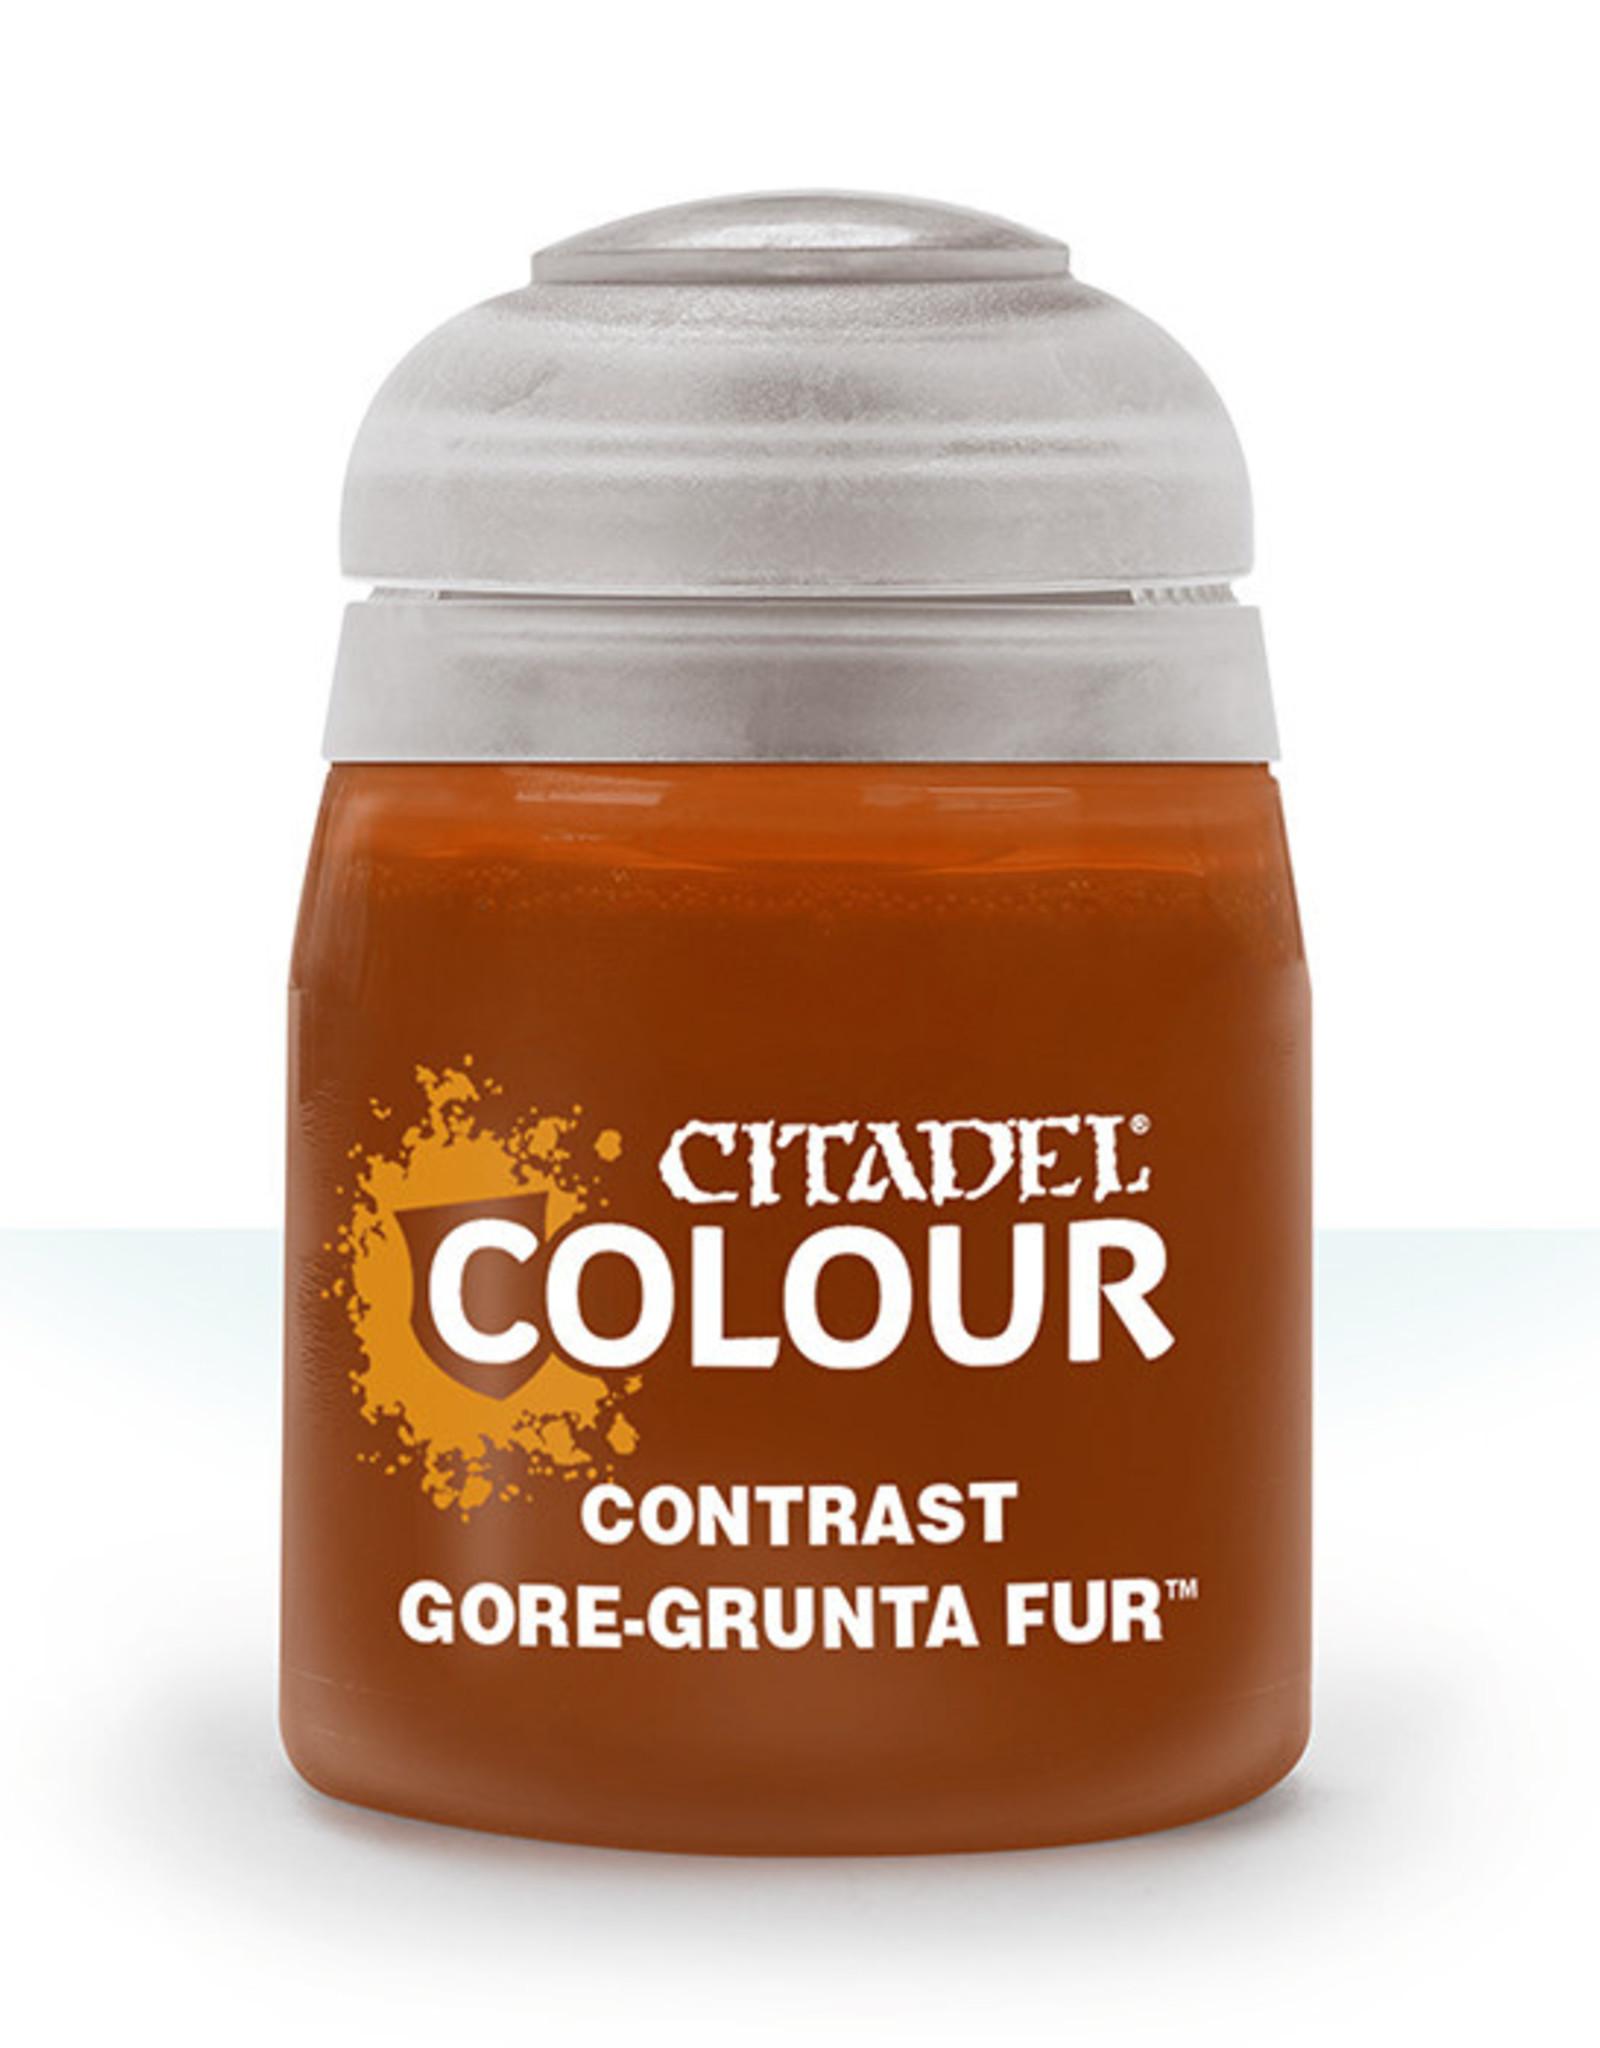 Citadel Citadel Colour: Contrast - Gore-Grunta Fur